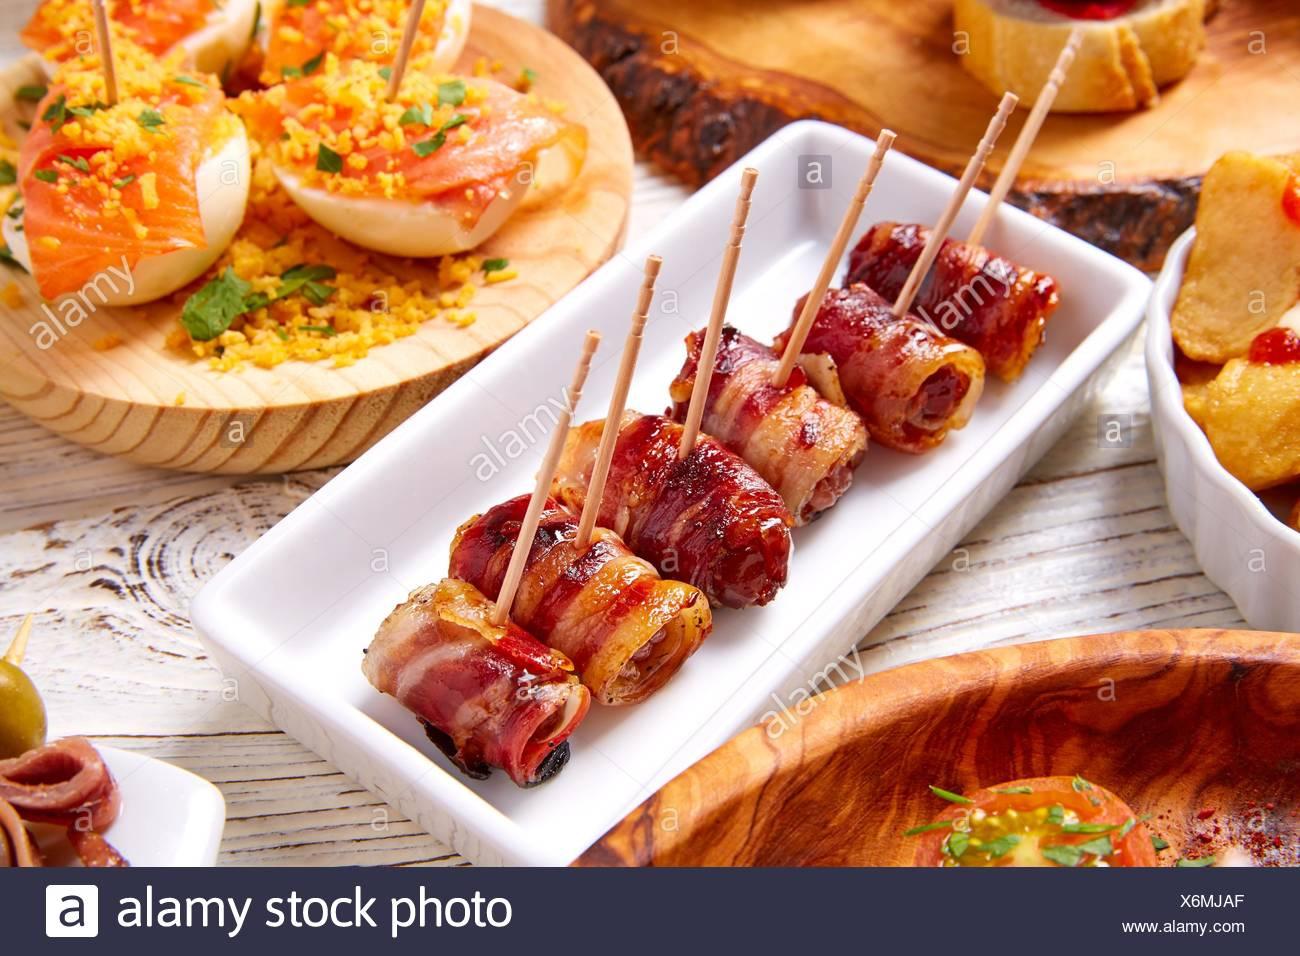 Tapas und Pinchos Lebensmittel aus Spanien Rezepte auch Pintxos auf weißem Holz. Stockbild